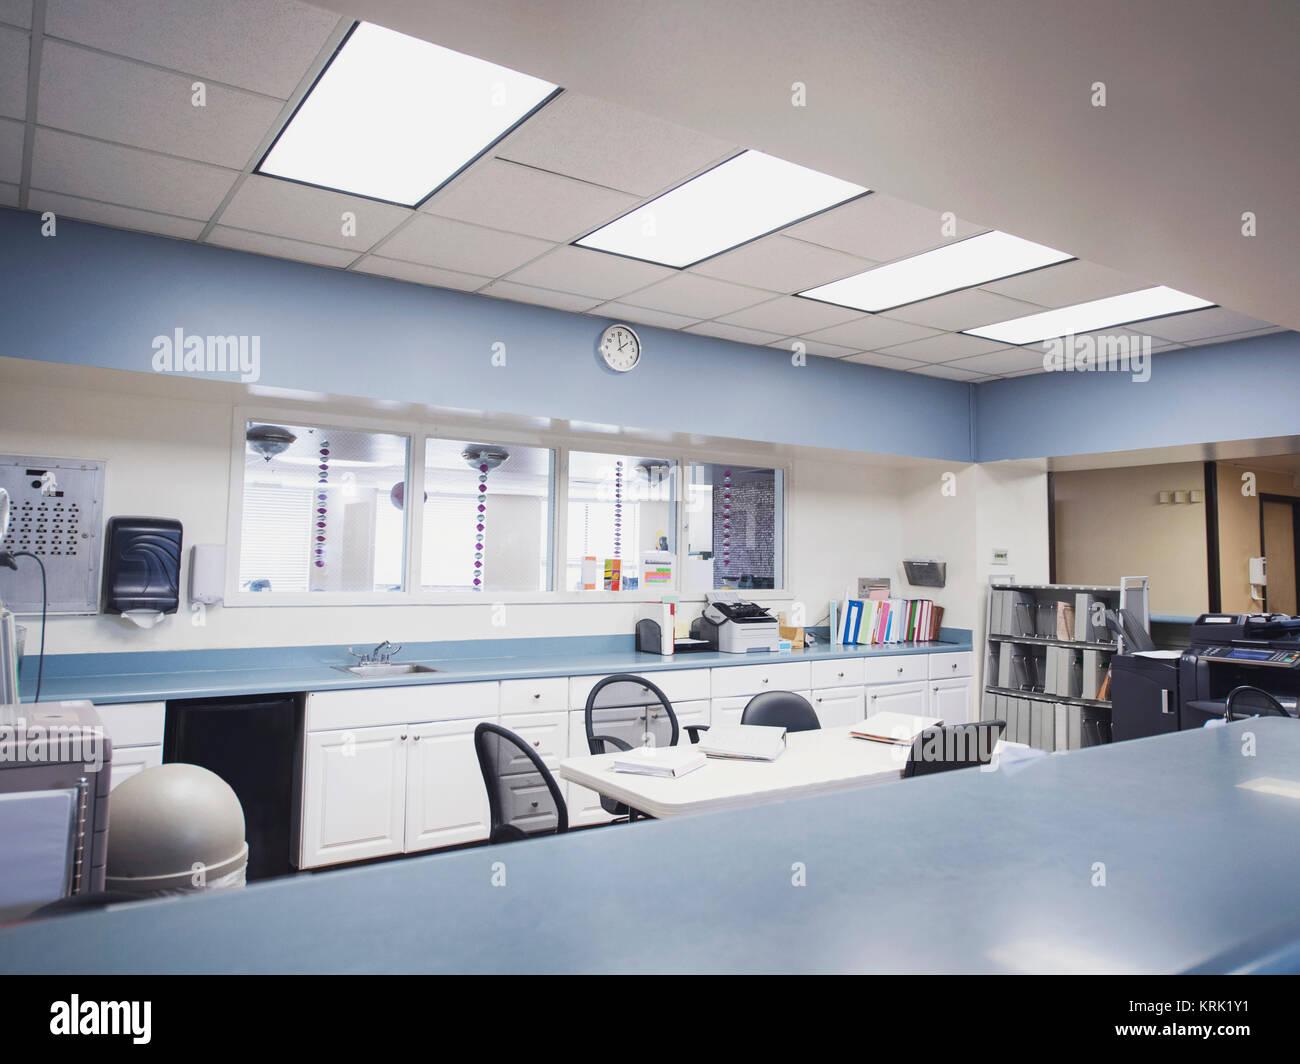 Empty hospital lounge - Stock Image